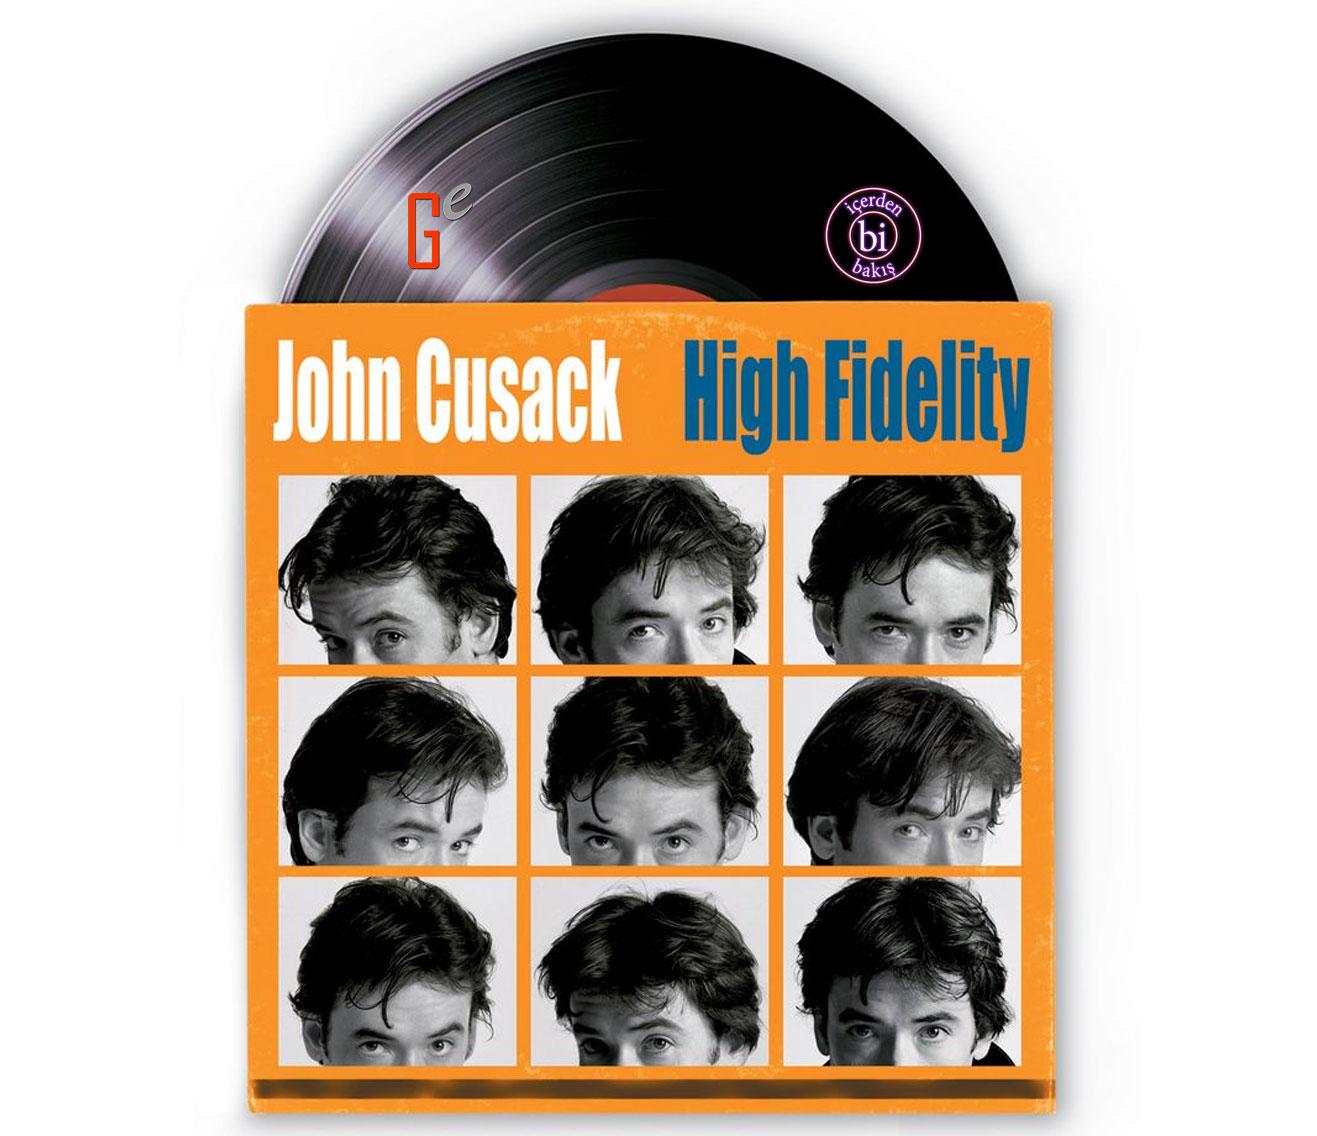 İçerden Bi Bakış – EP06 – High Fidelity